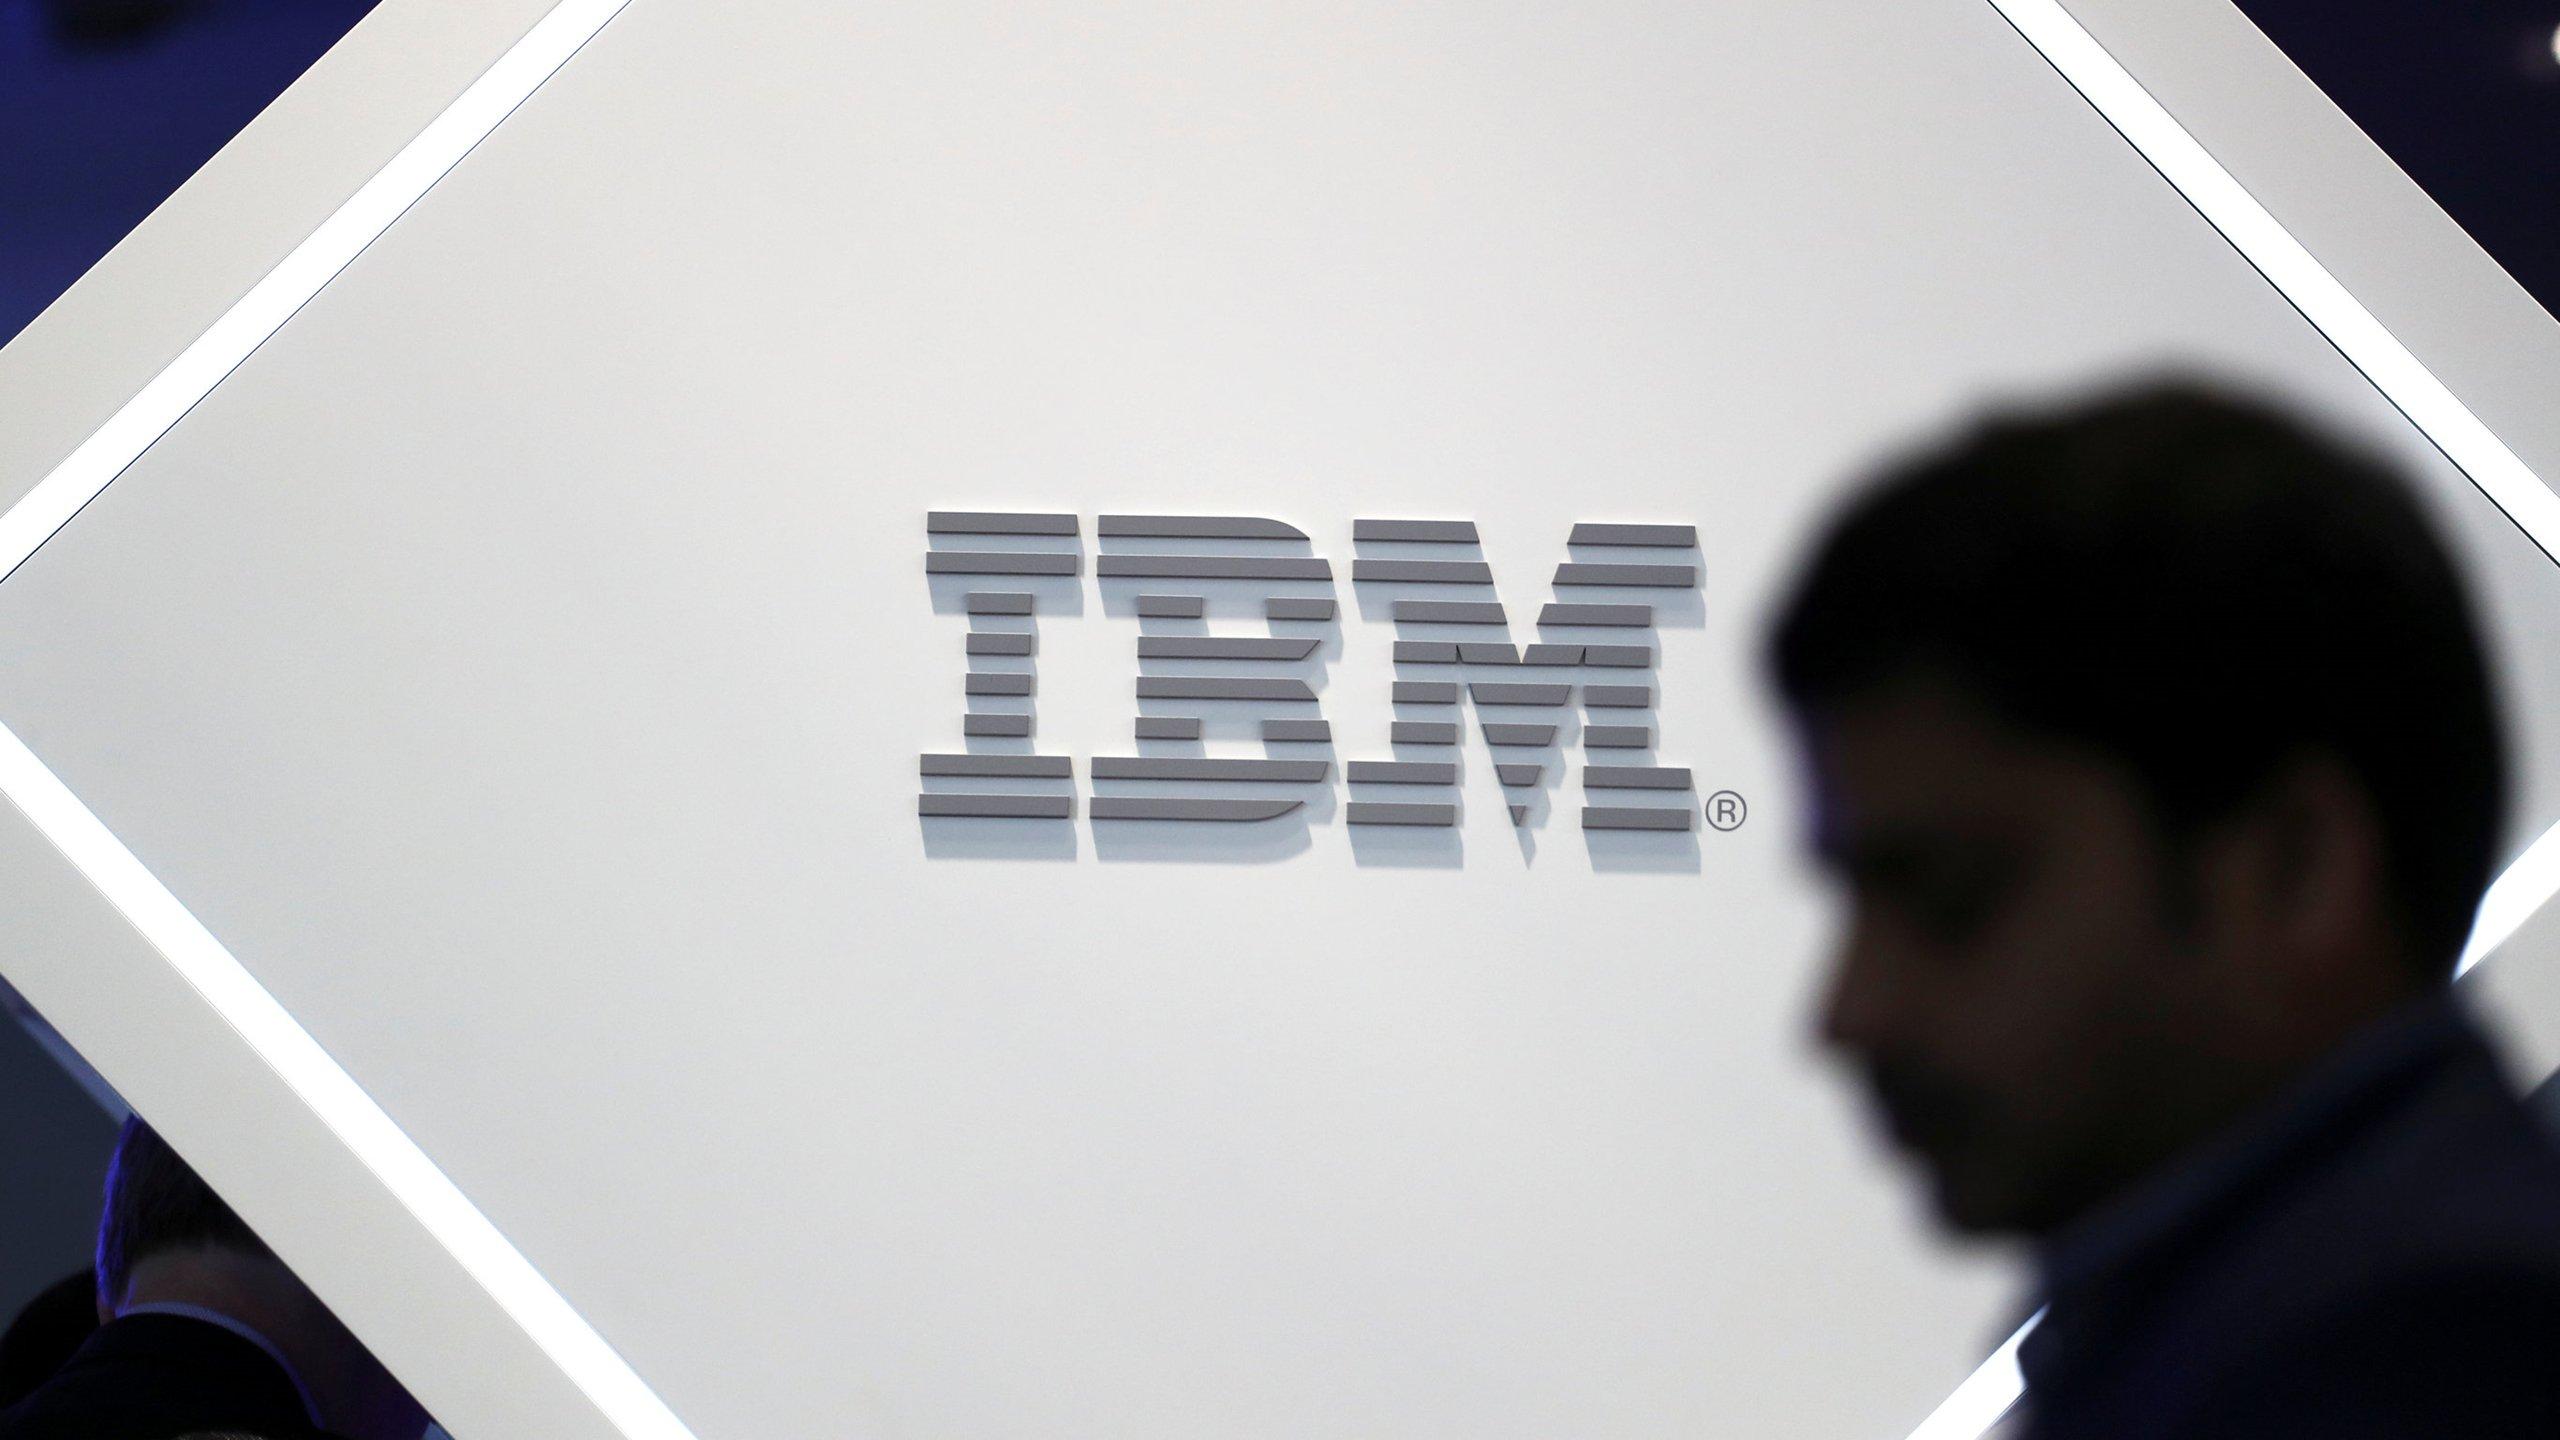 IBM presenta primer chip de dos nanómetros, el más pequeño del mundo